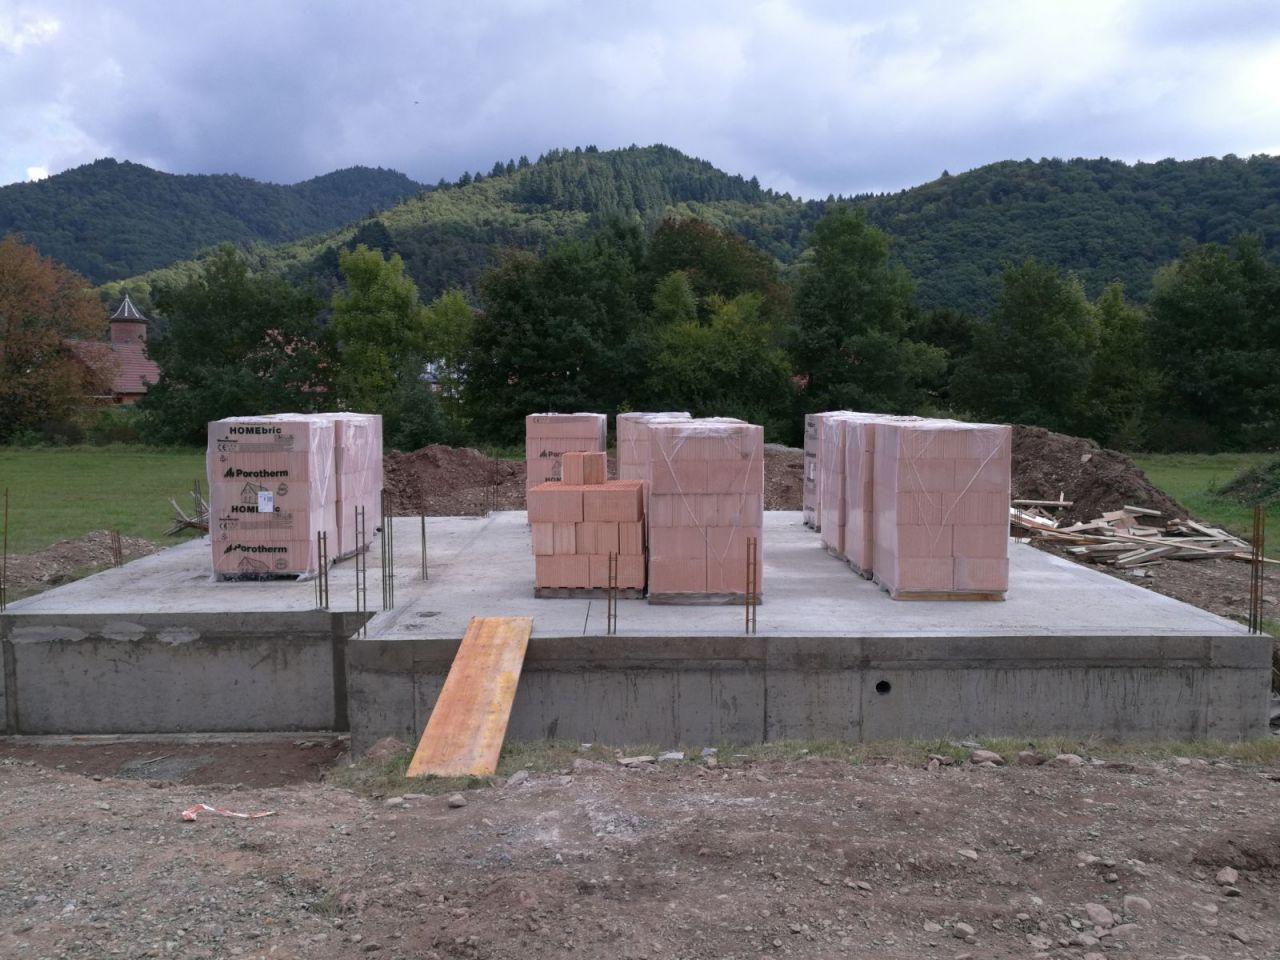 Ce matin les palettes de briques en place